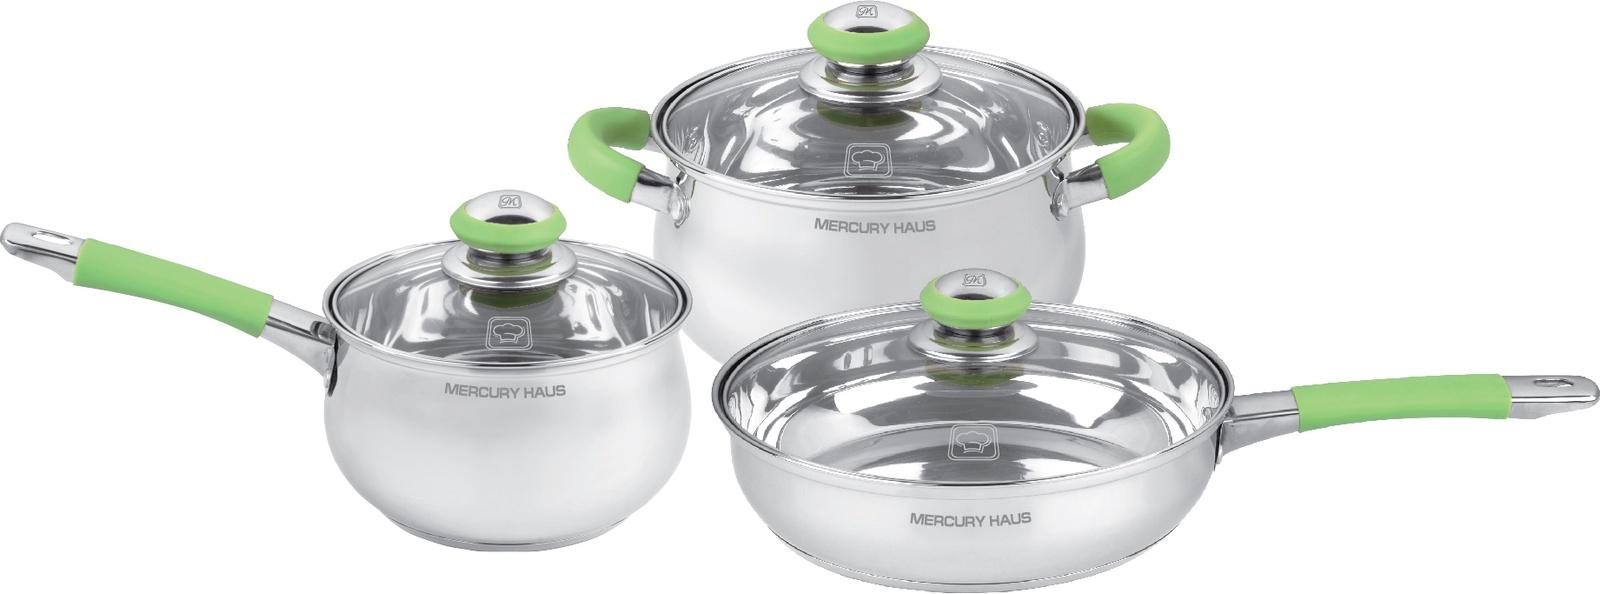 Набор посуды для приготовления Mercury Haus MC - 7022, серебристый